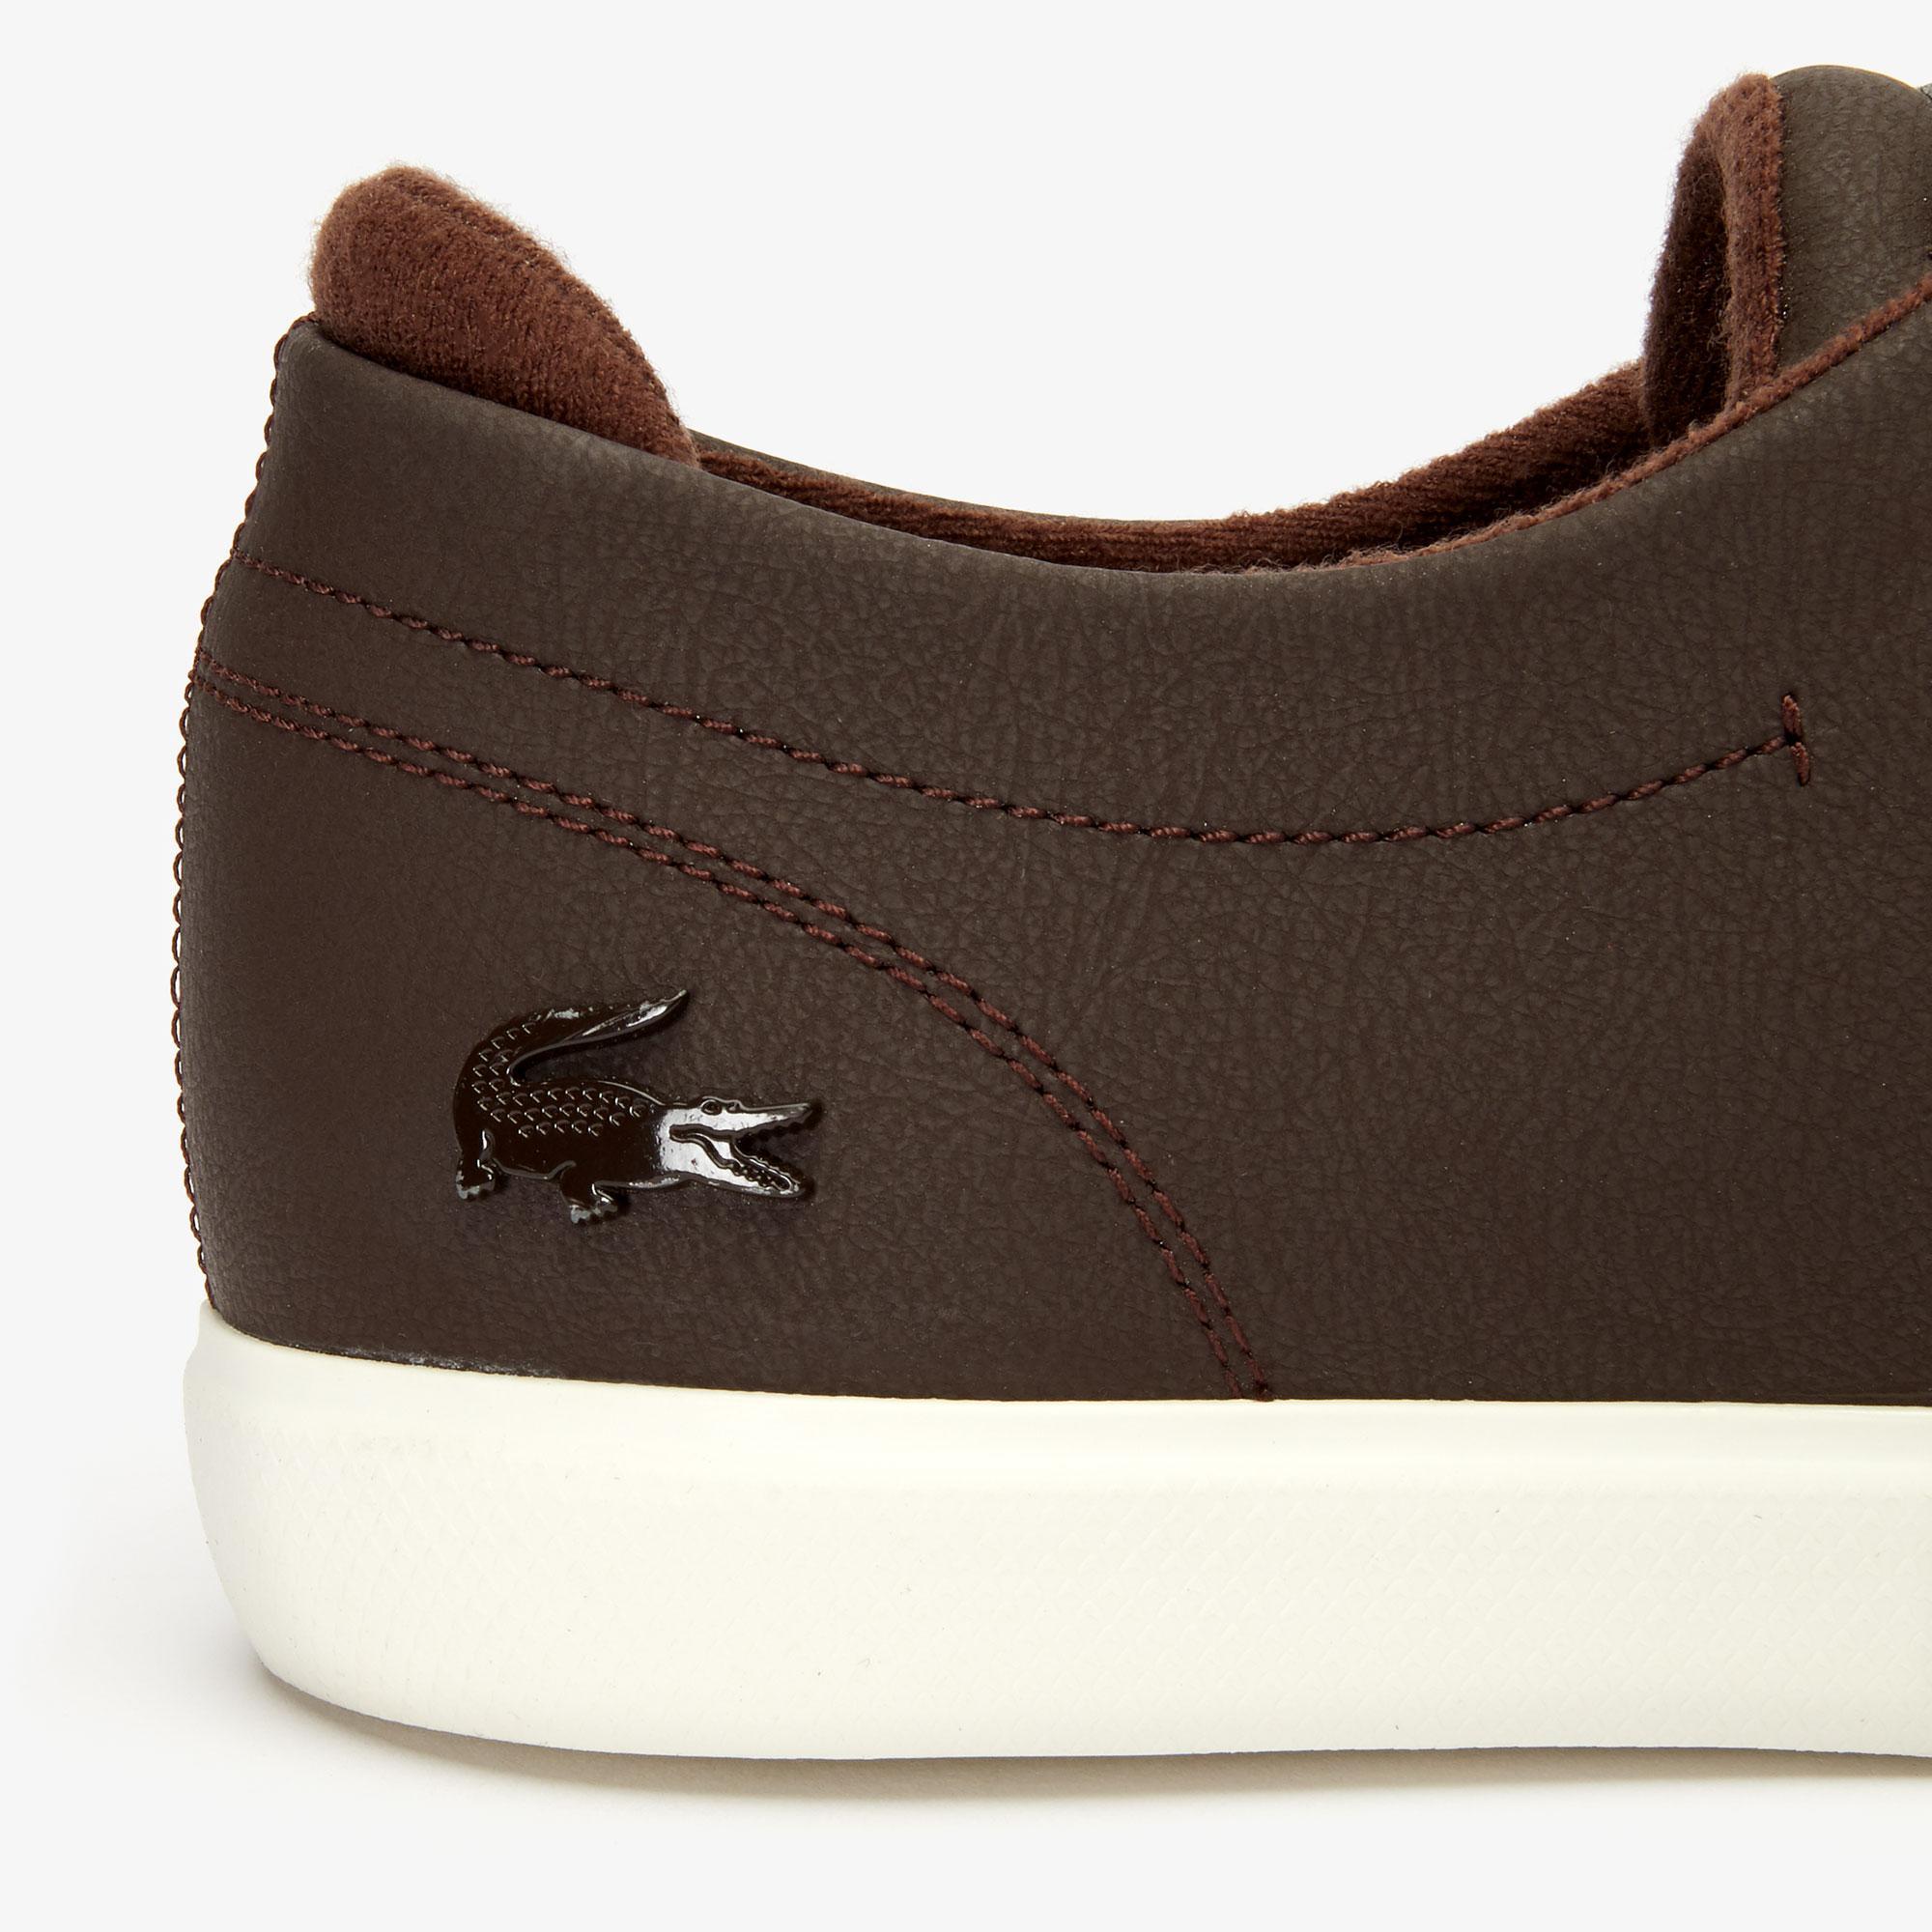 Lacoste Esparre 319 3 Cma Erkek Koyu Kahverengi - Bej Casual Ayakkabı